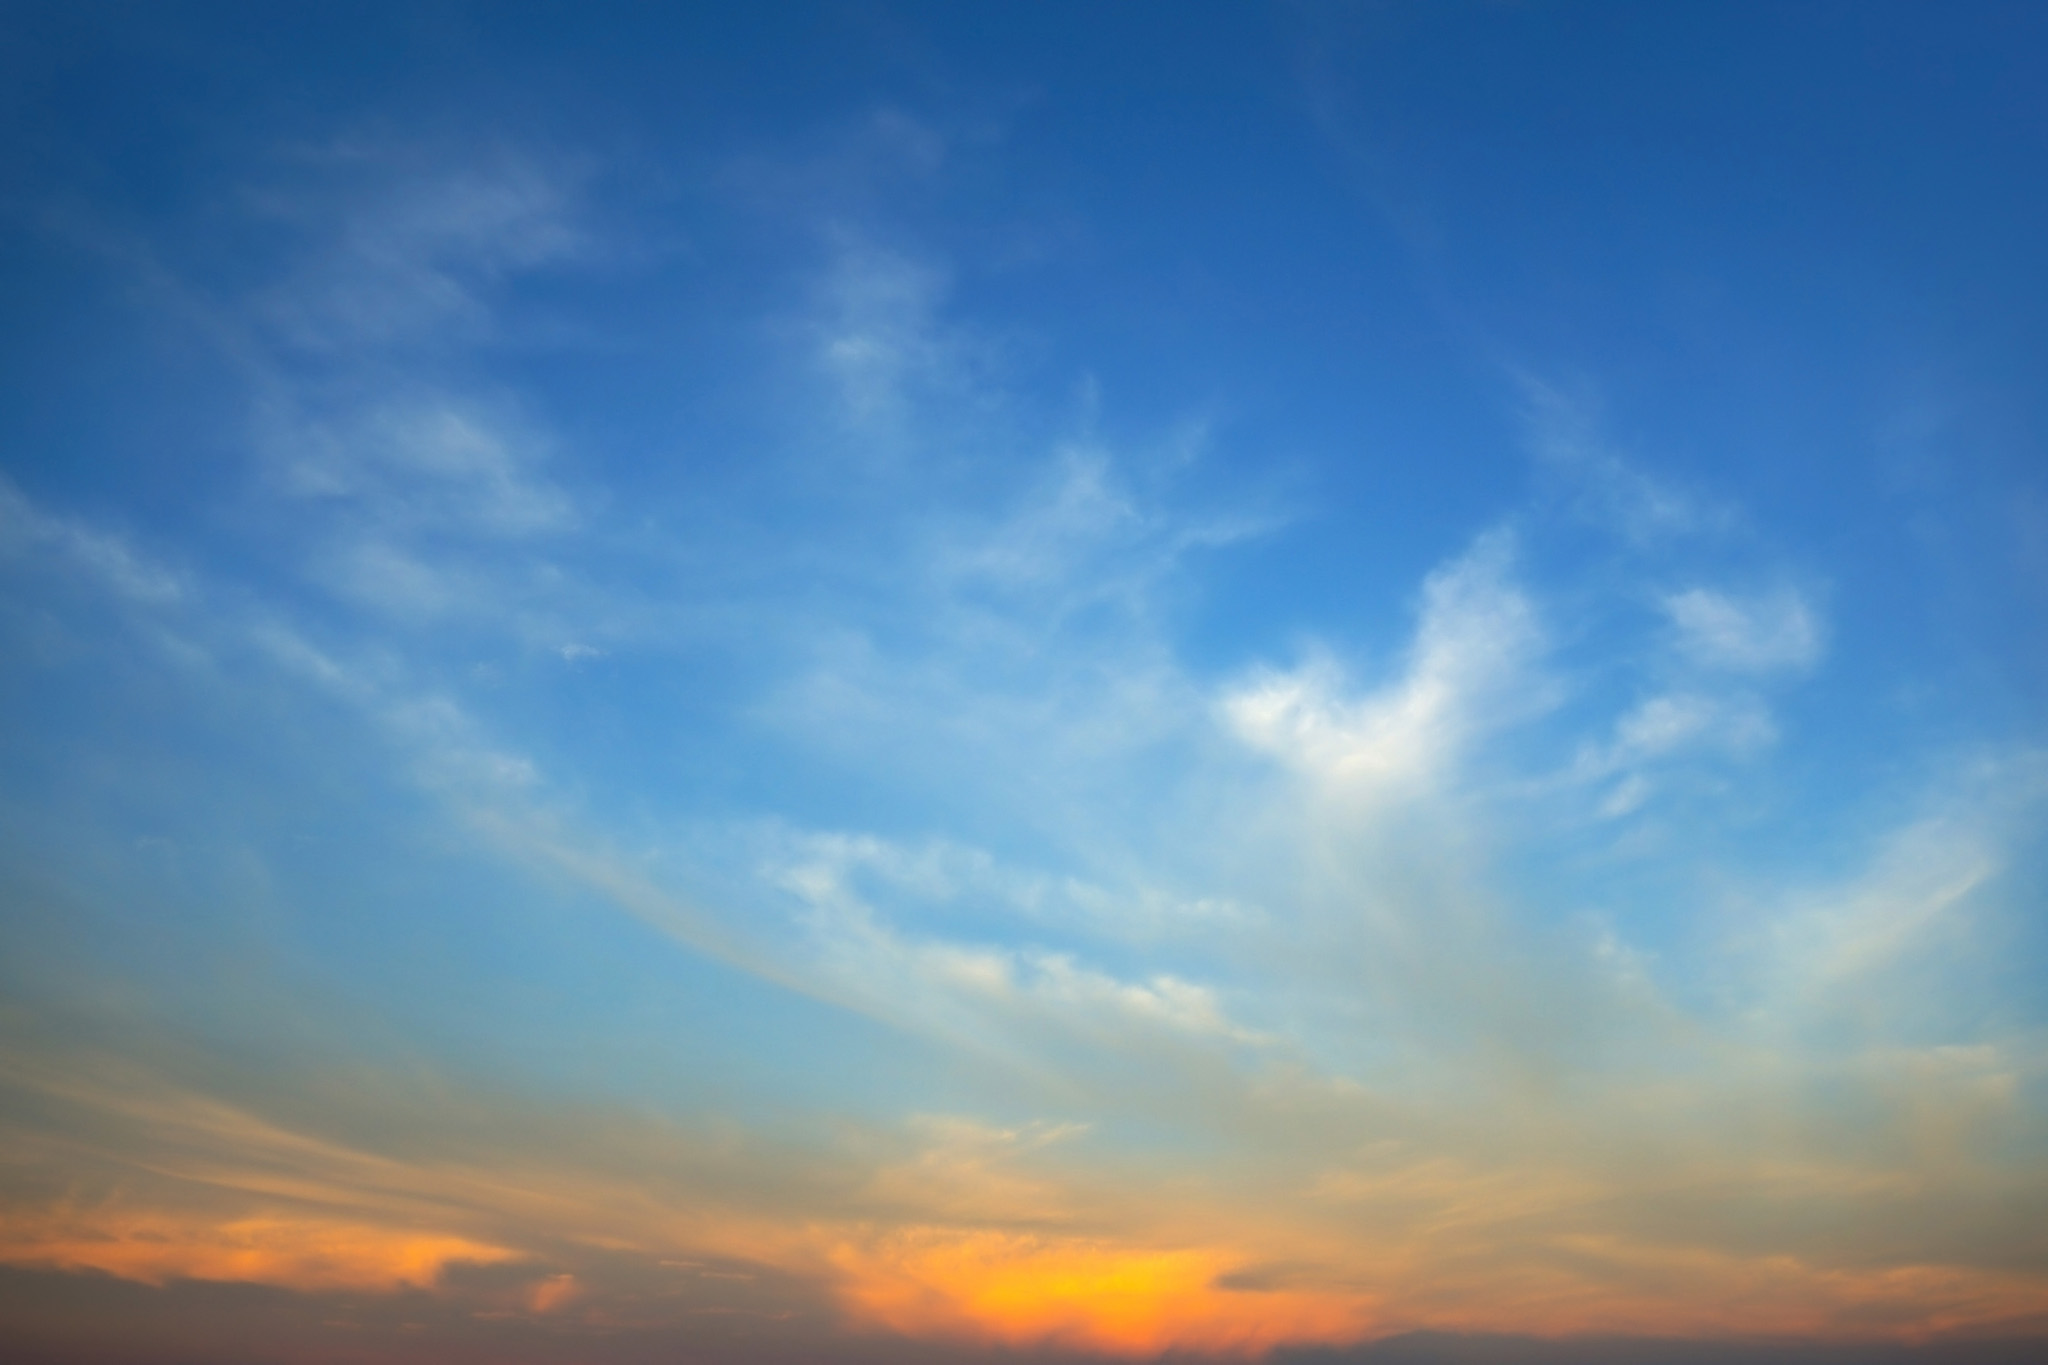 「柔らかな光りに包まれる夕空」